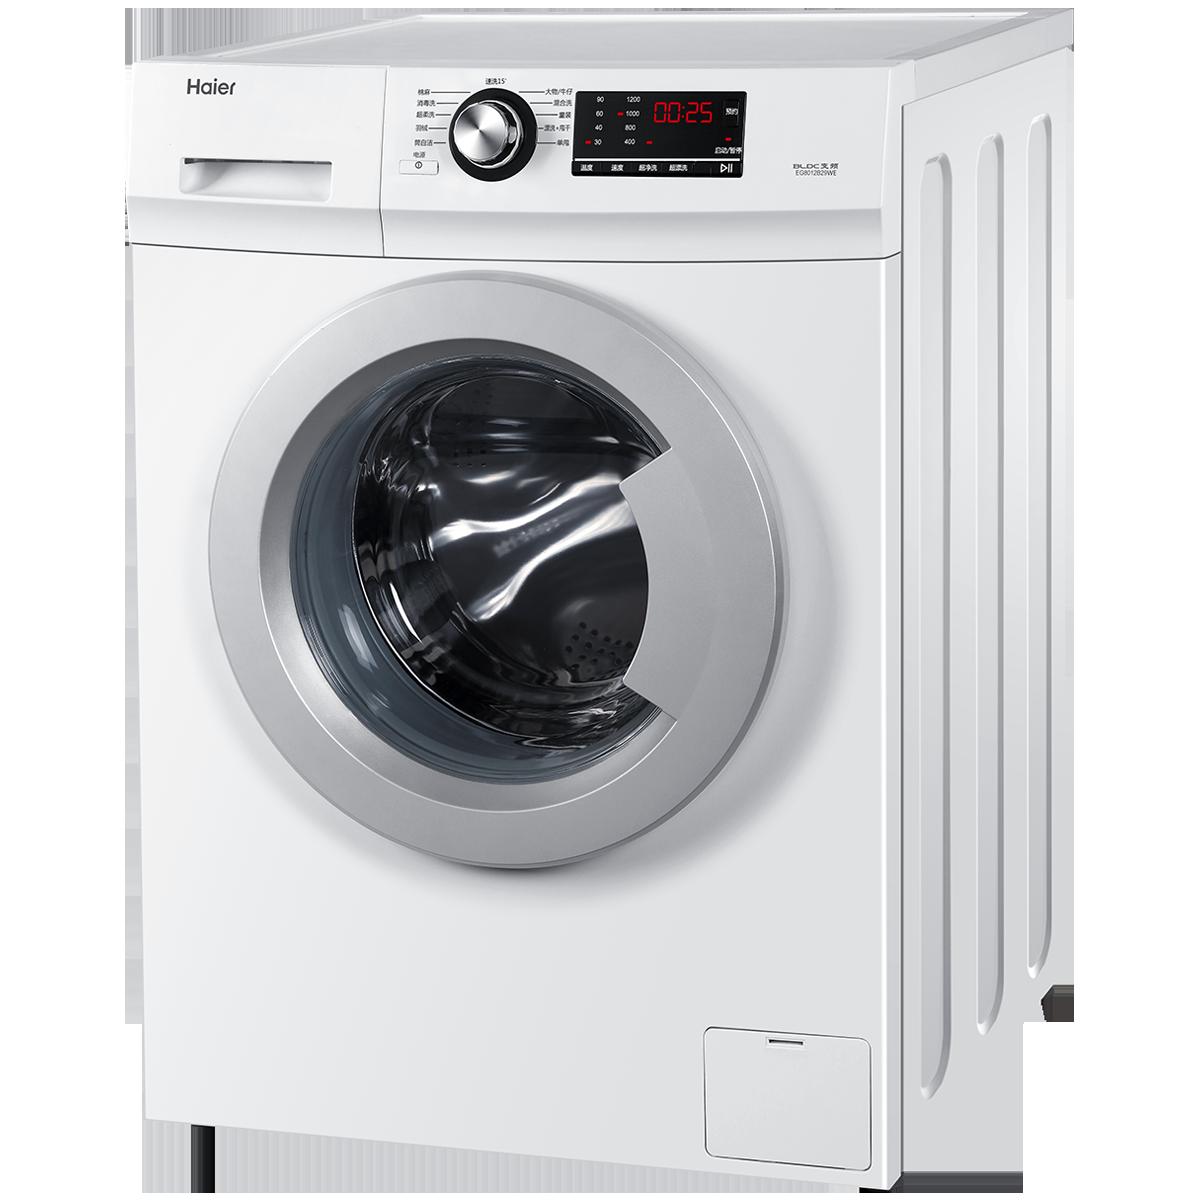 滚筒洗衣机买什么好_你好我买的海尔滚筒洗衣机拿衣服放衣服都麻手,我给售后打 ...